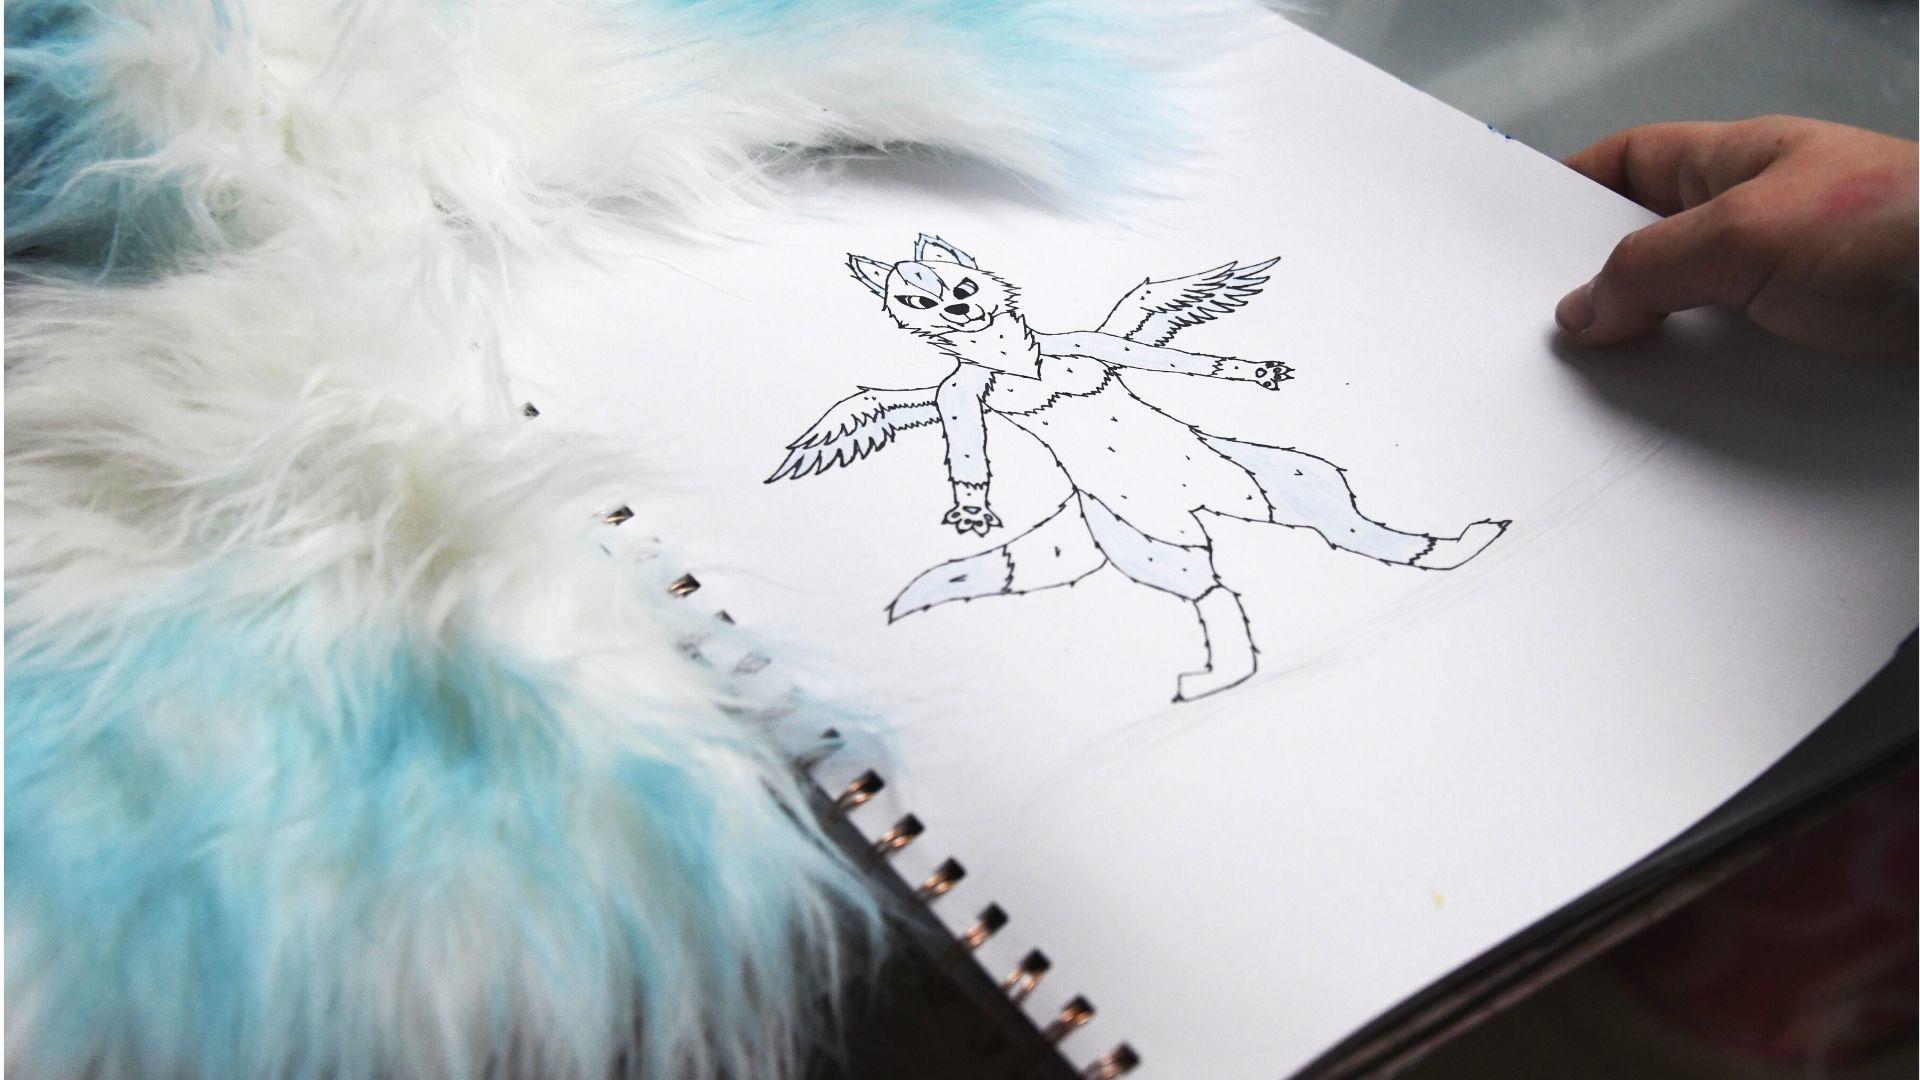 Ottmarsheim Judith Baechel ans est fursuit maker : la naissance d'Inkia sur papier